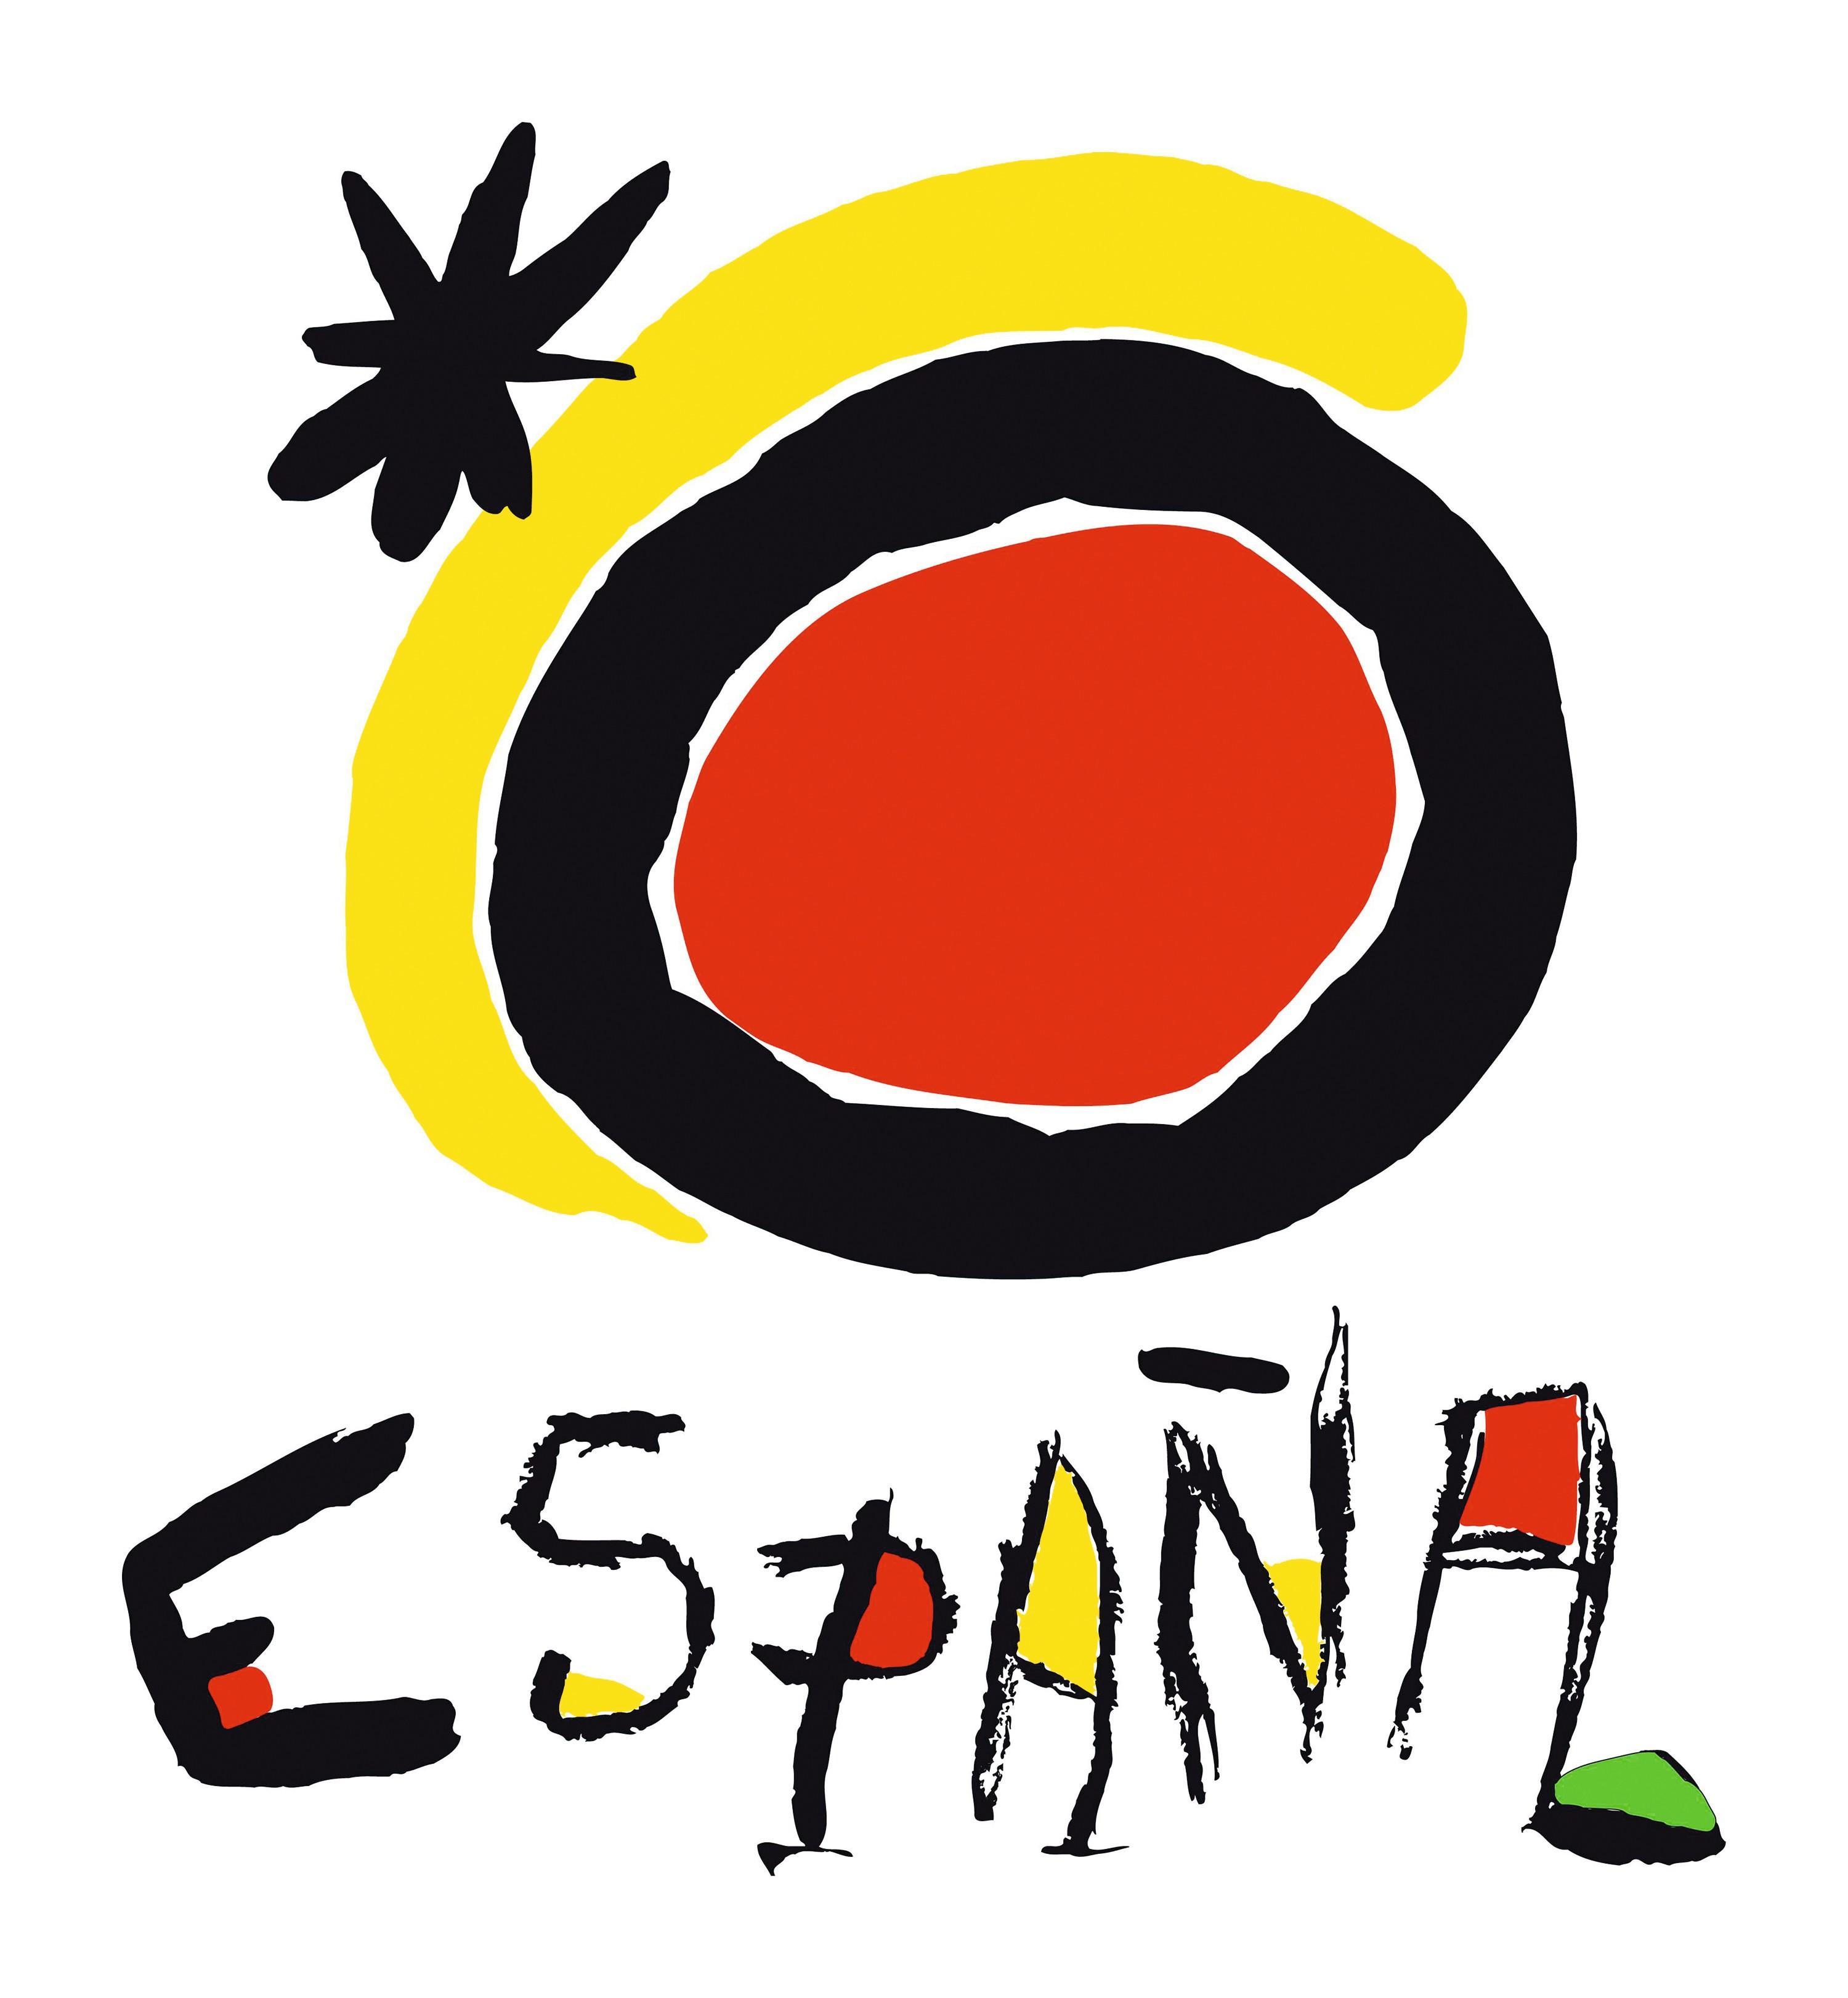 Joan Miró, Logotipo de Turespaña, 1983.